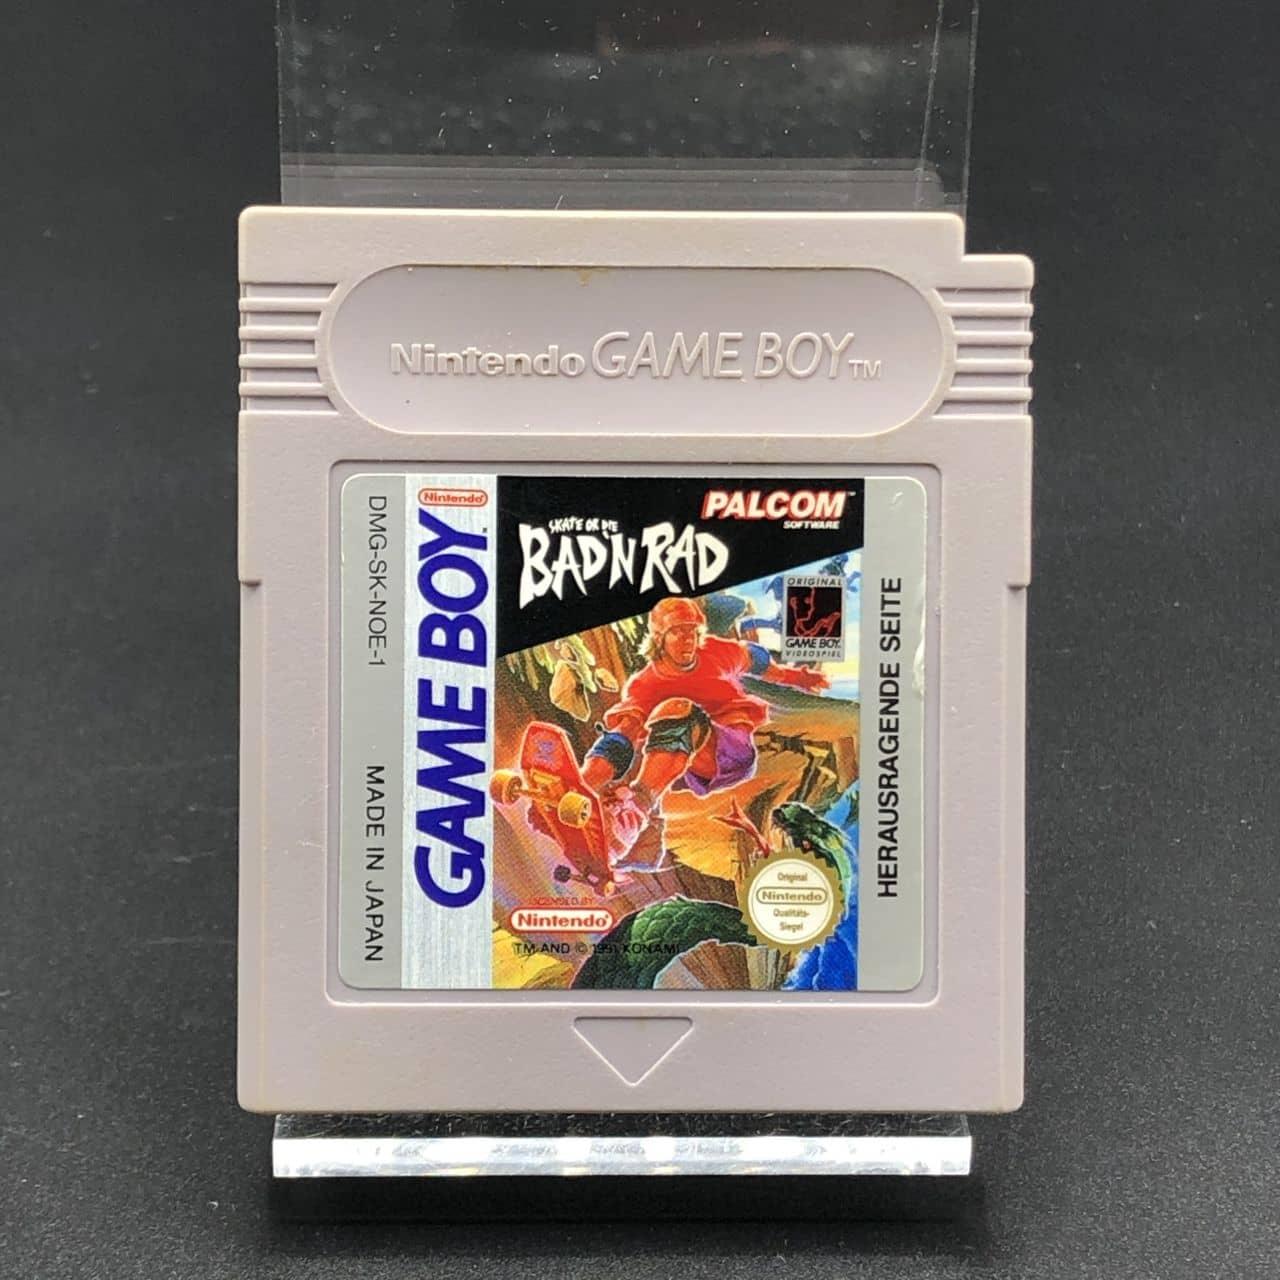 GB Skate or Die: Bad N Rad (Modul) (Gut) Nintendo Game Boy